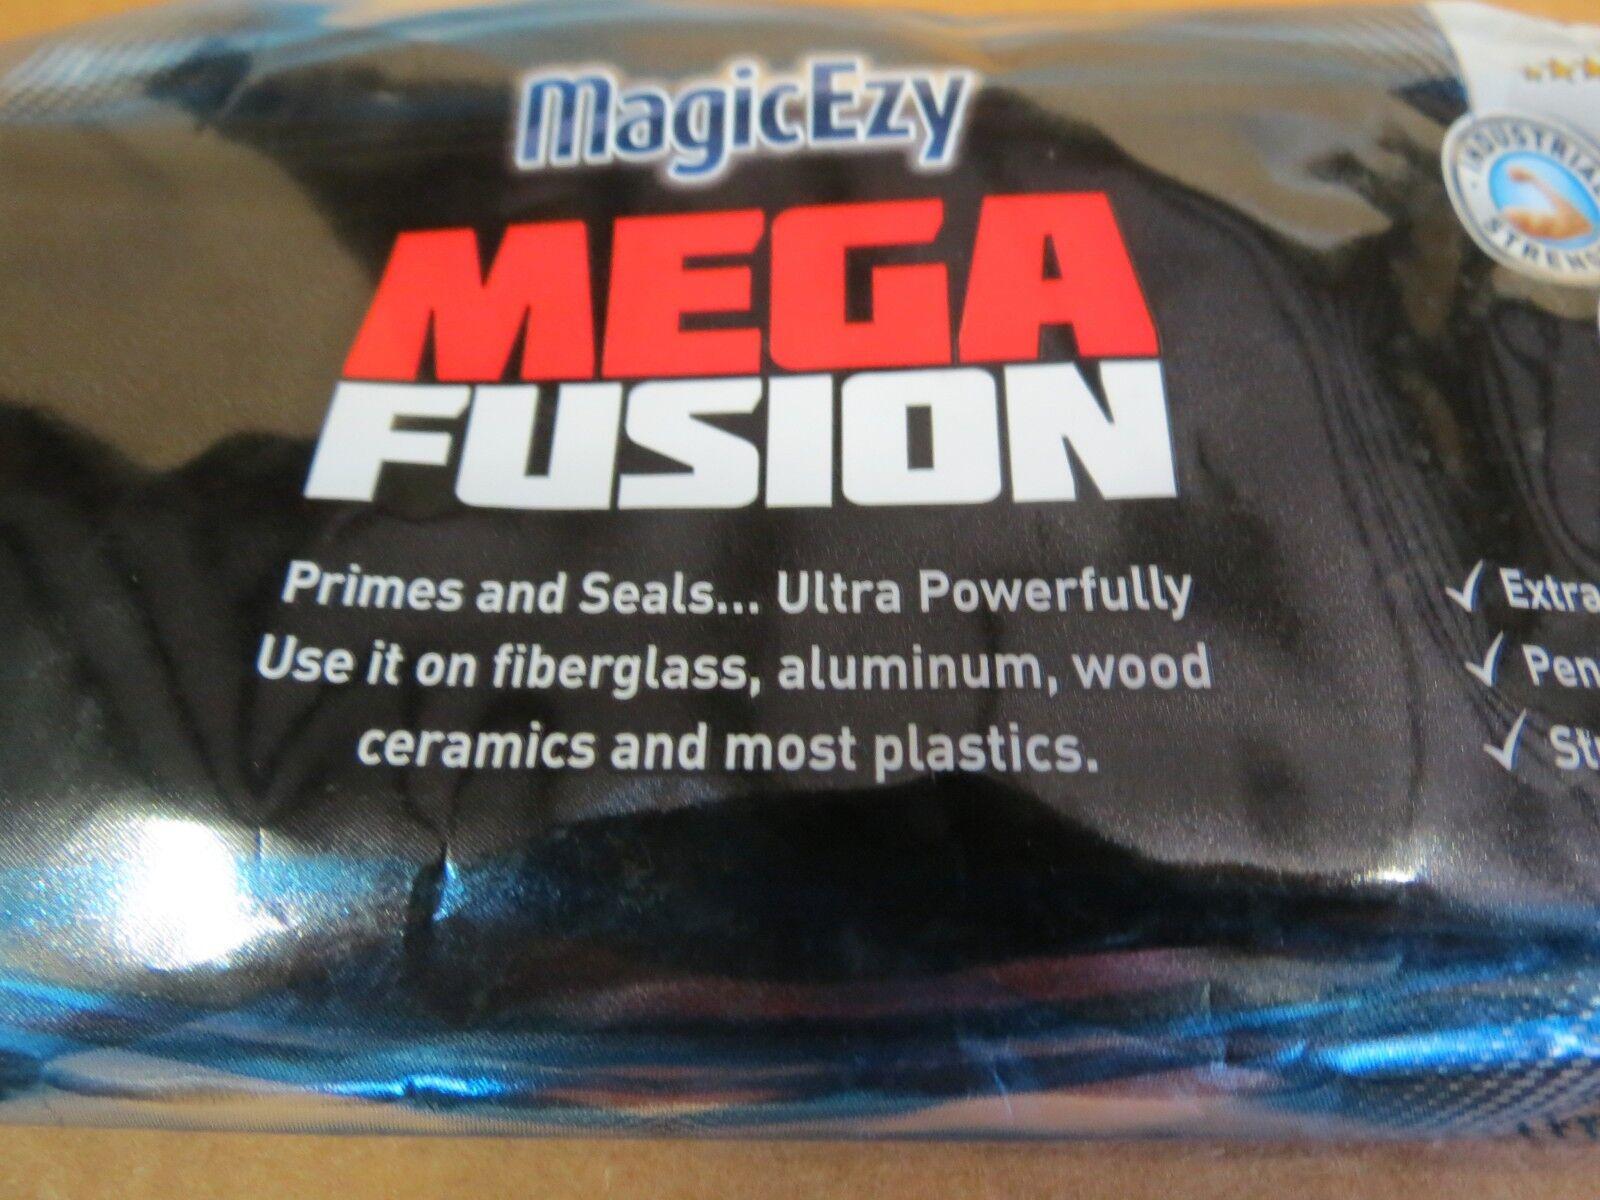 MagicEzy MEGA FUSION Aluminum Wood Ceramics Primes and Seals Fiberglass